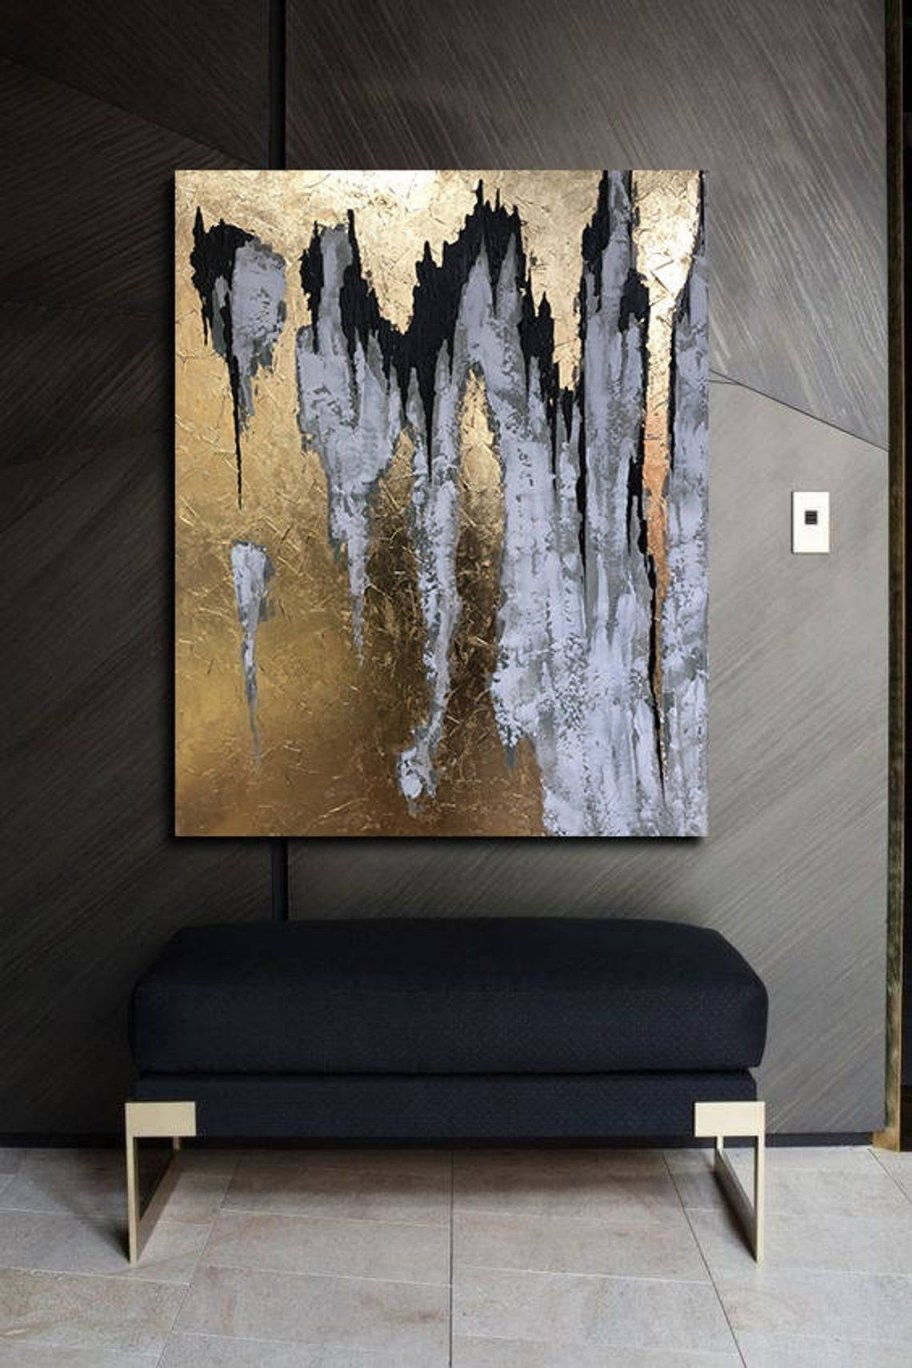 Schwarz Weiß Malerei Abstrakte Große Schwarze Gold Malerei  Etsy von Abstrakte Bilder Selbst Gestalten Bild